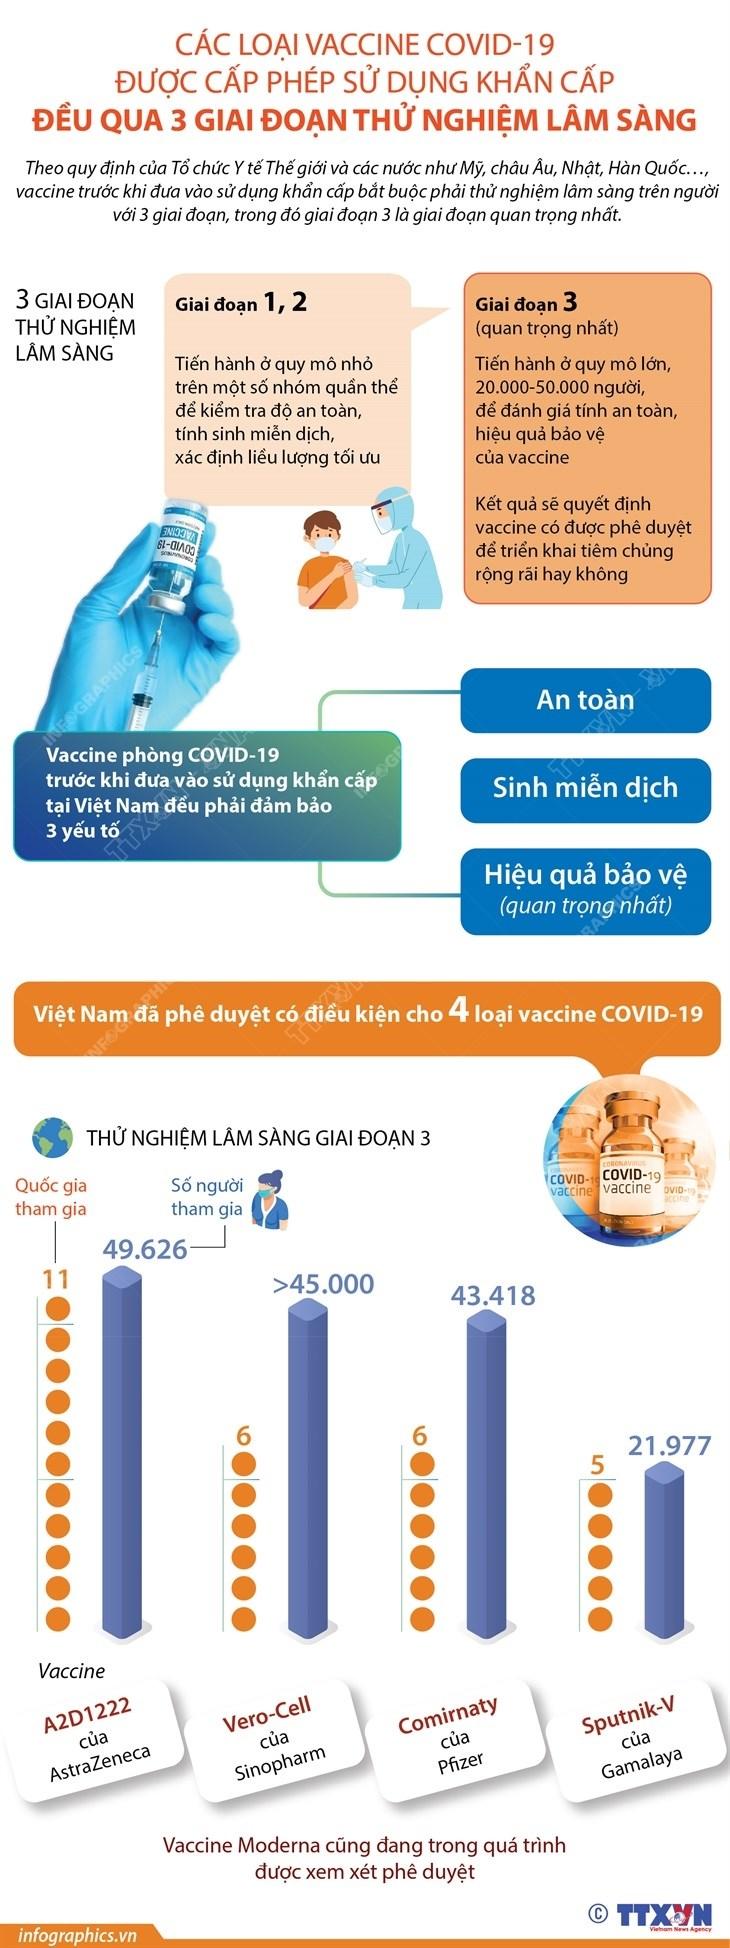 Vaccine duoc cap phep su dung khan cap phai qua thu nghiem 3 giai doan hinh anh 1